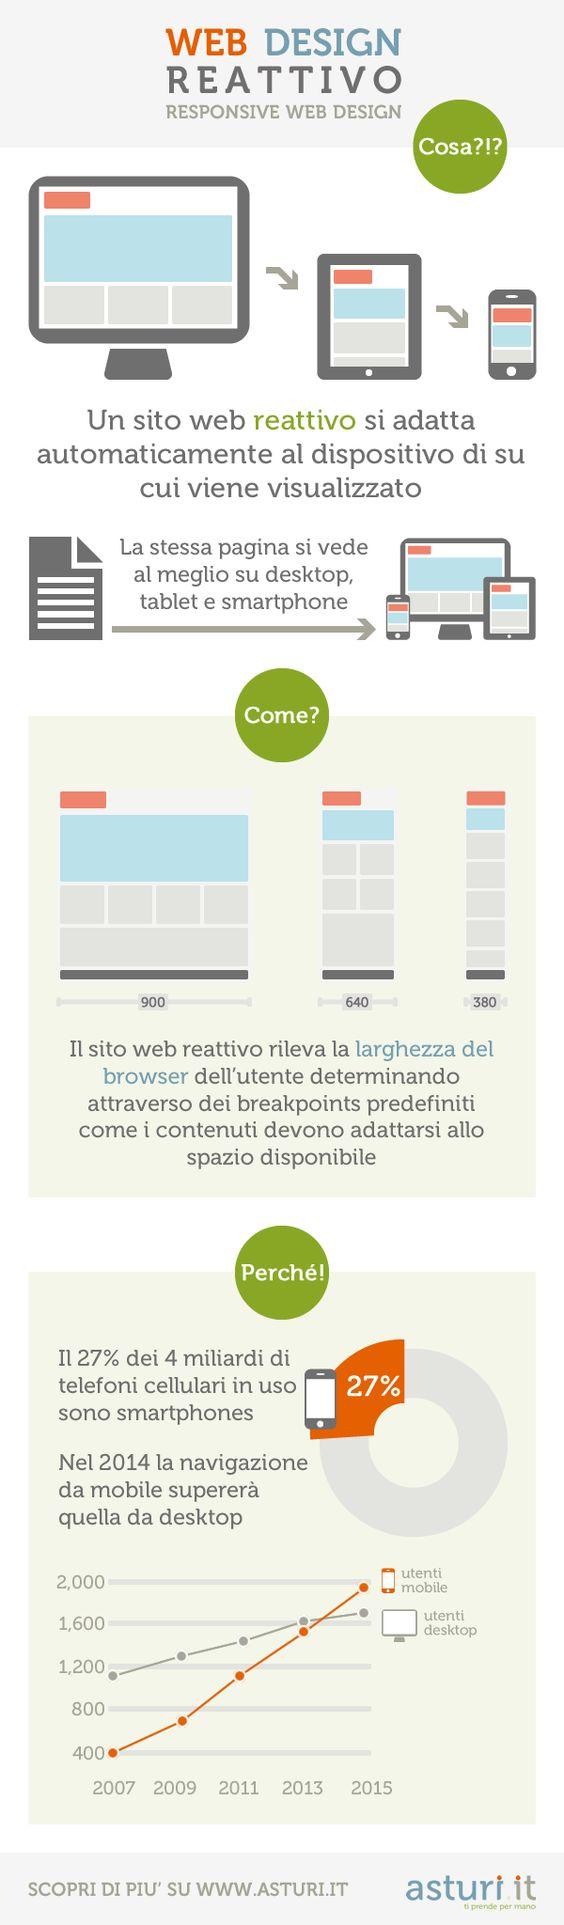 Una sintetica infografica per comprendere rapidamente come funziona un sito web responsive